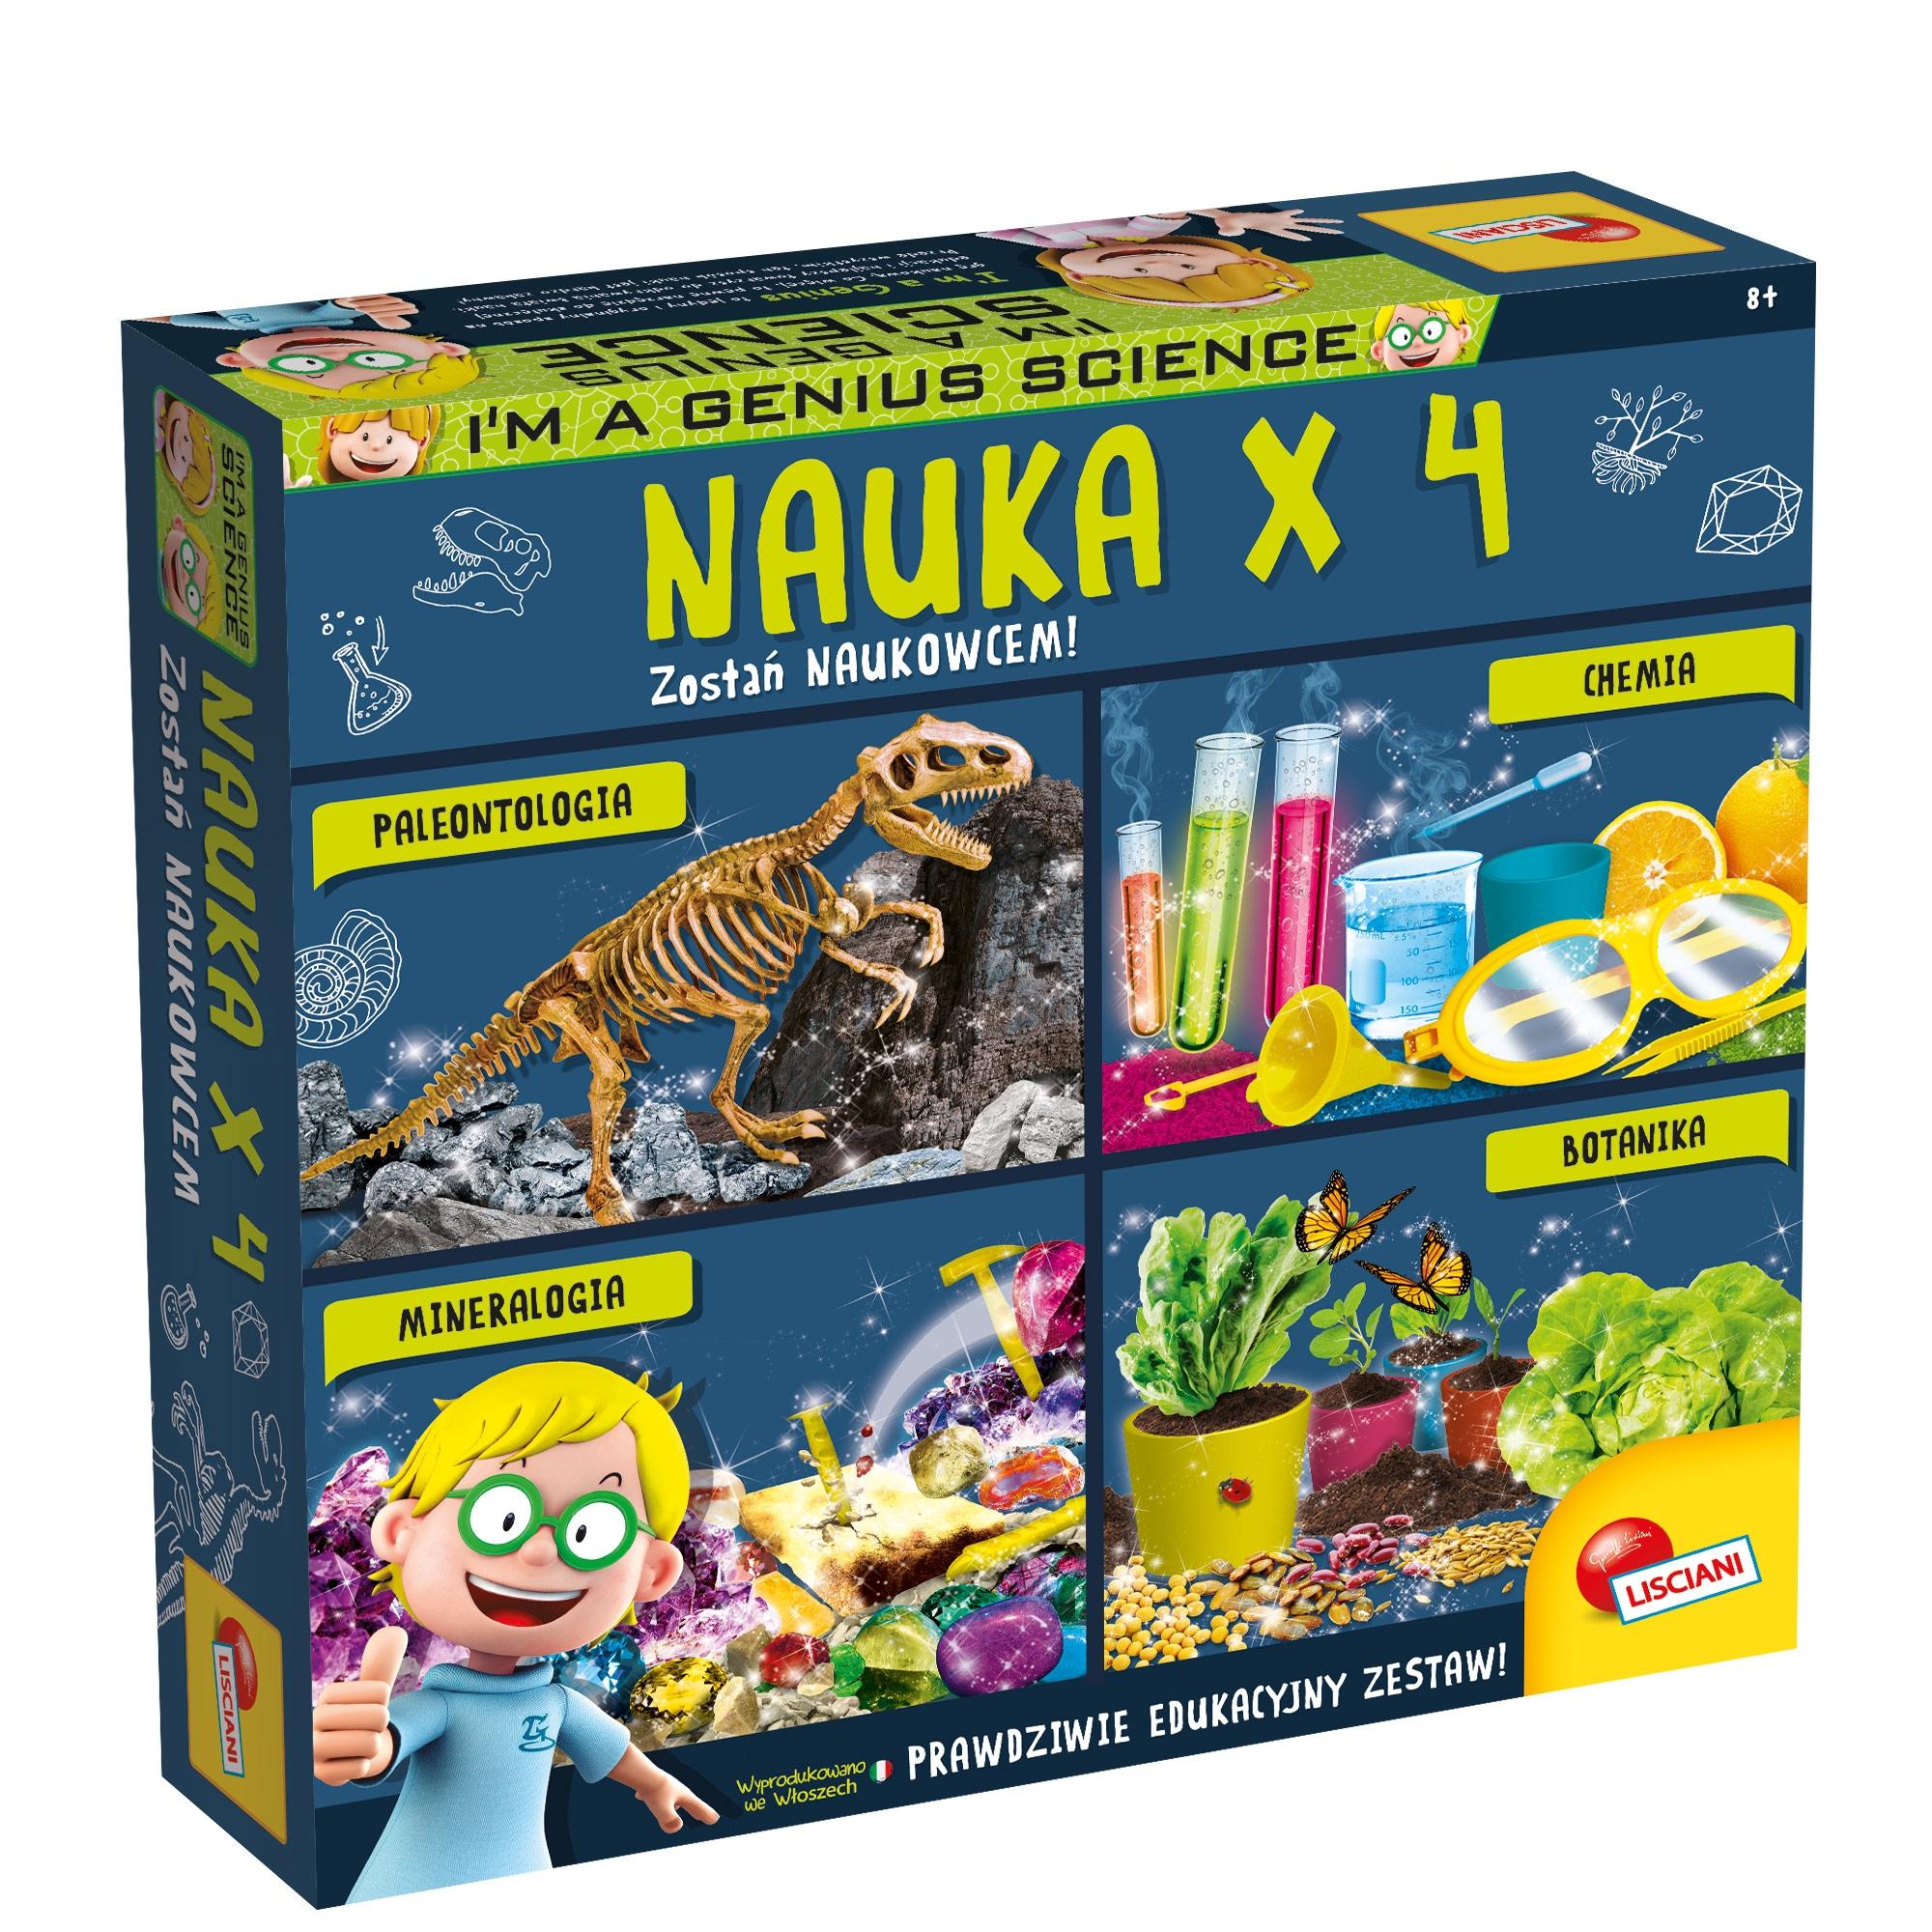 I'm a genius, Nauka x4 (304-PL80472)